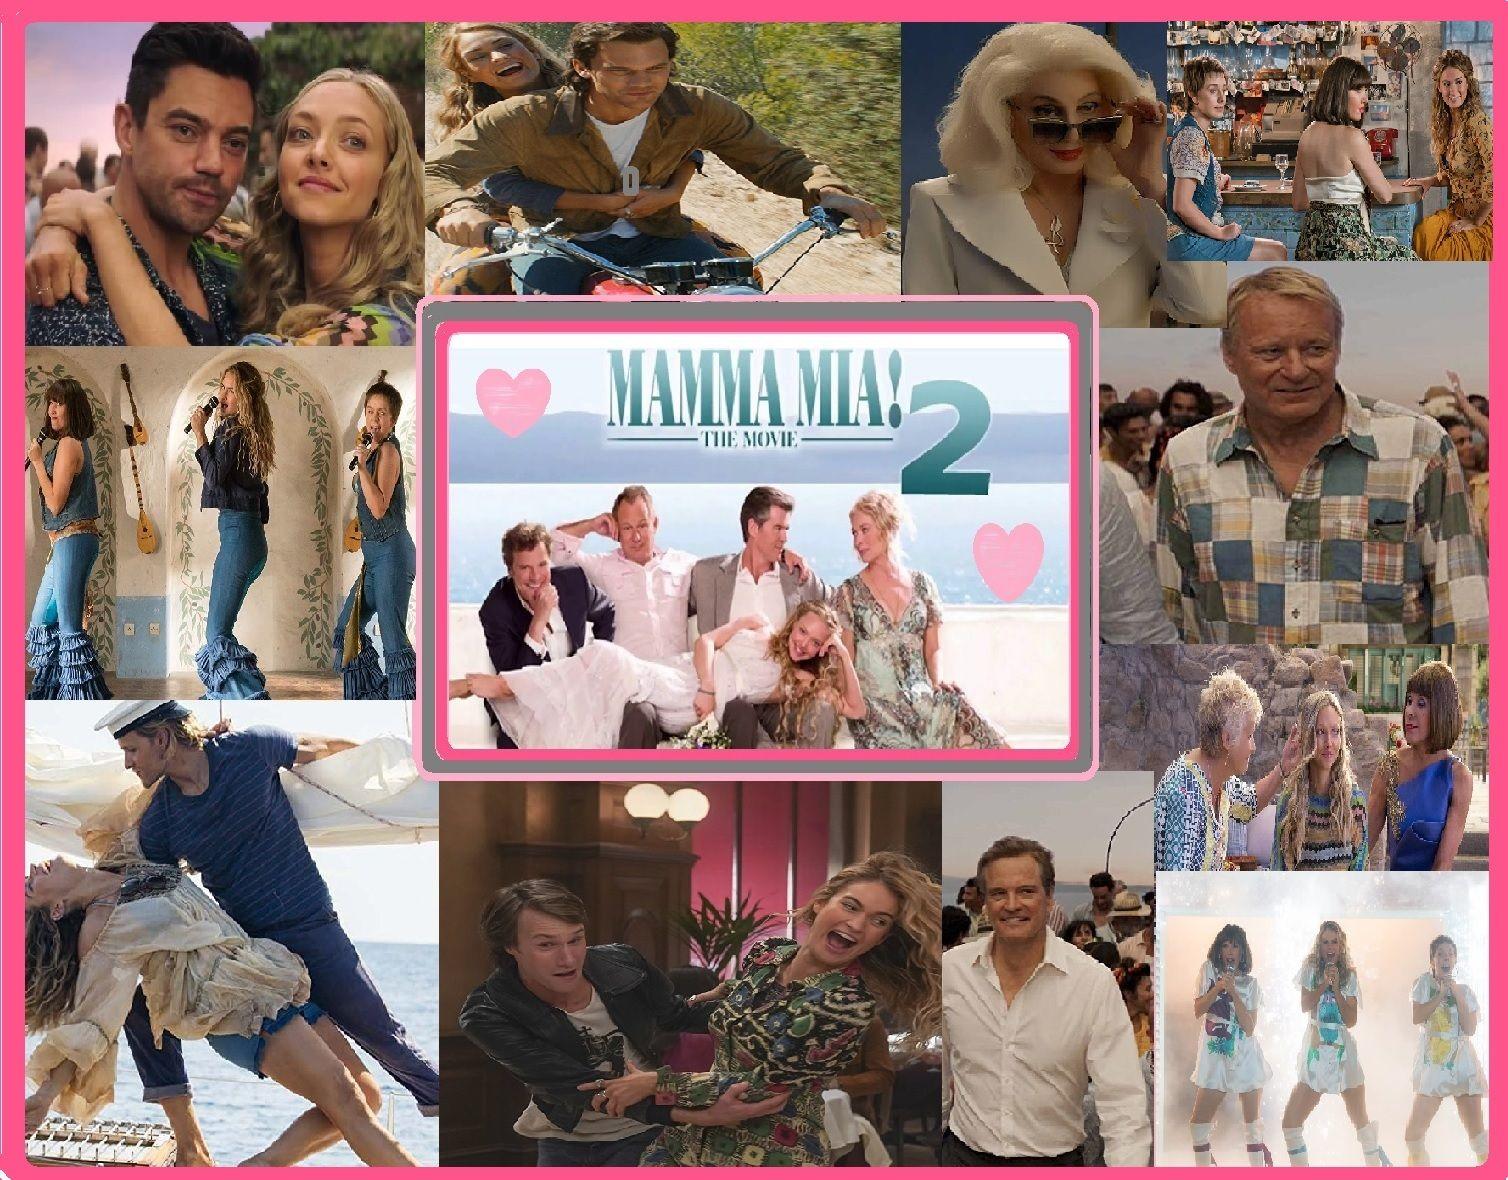 Mamma Mia 2 Mammamia Musicals Films2018 Abba Mamma Mia